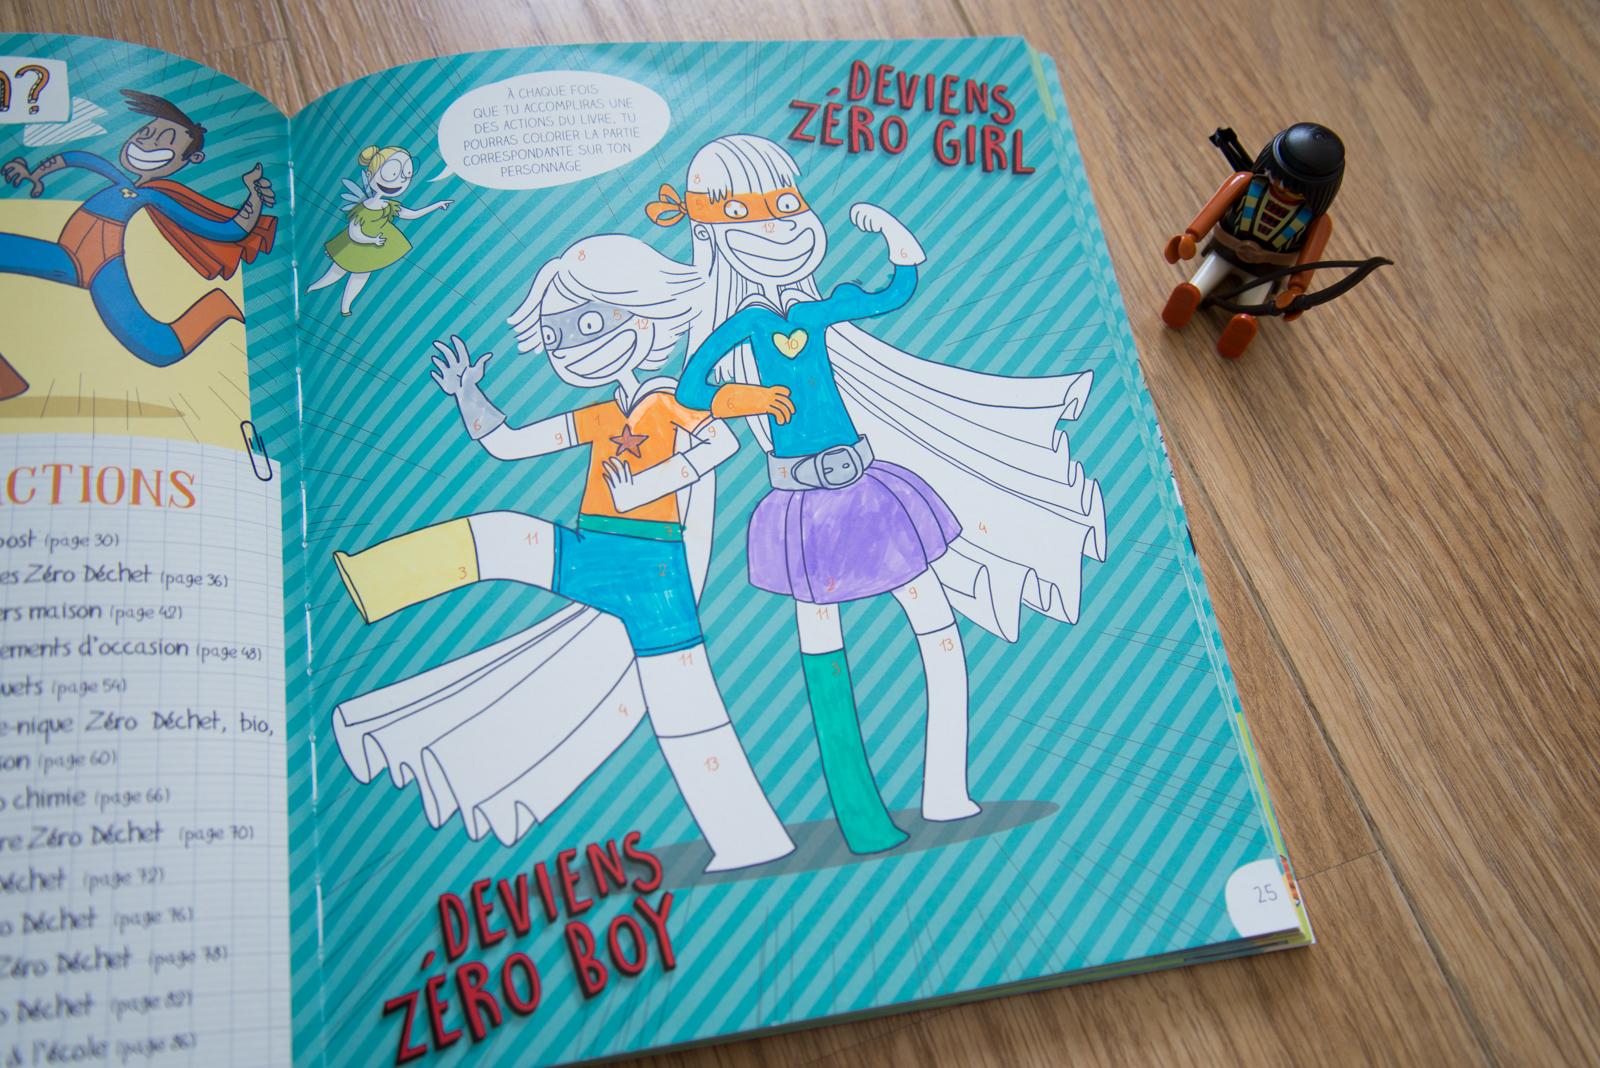 Zéro boy et Zéro girl à colorier